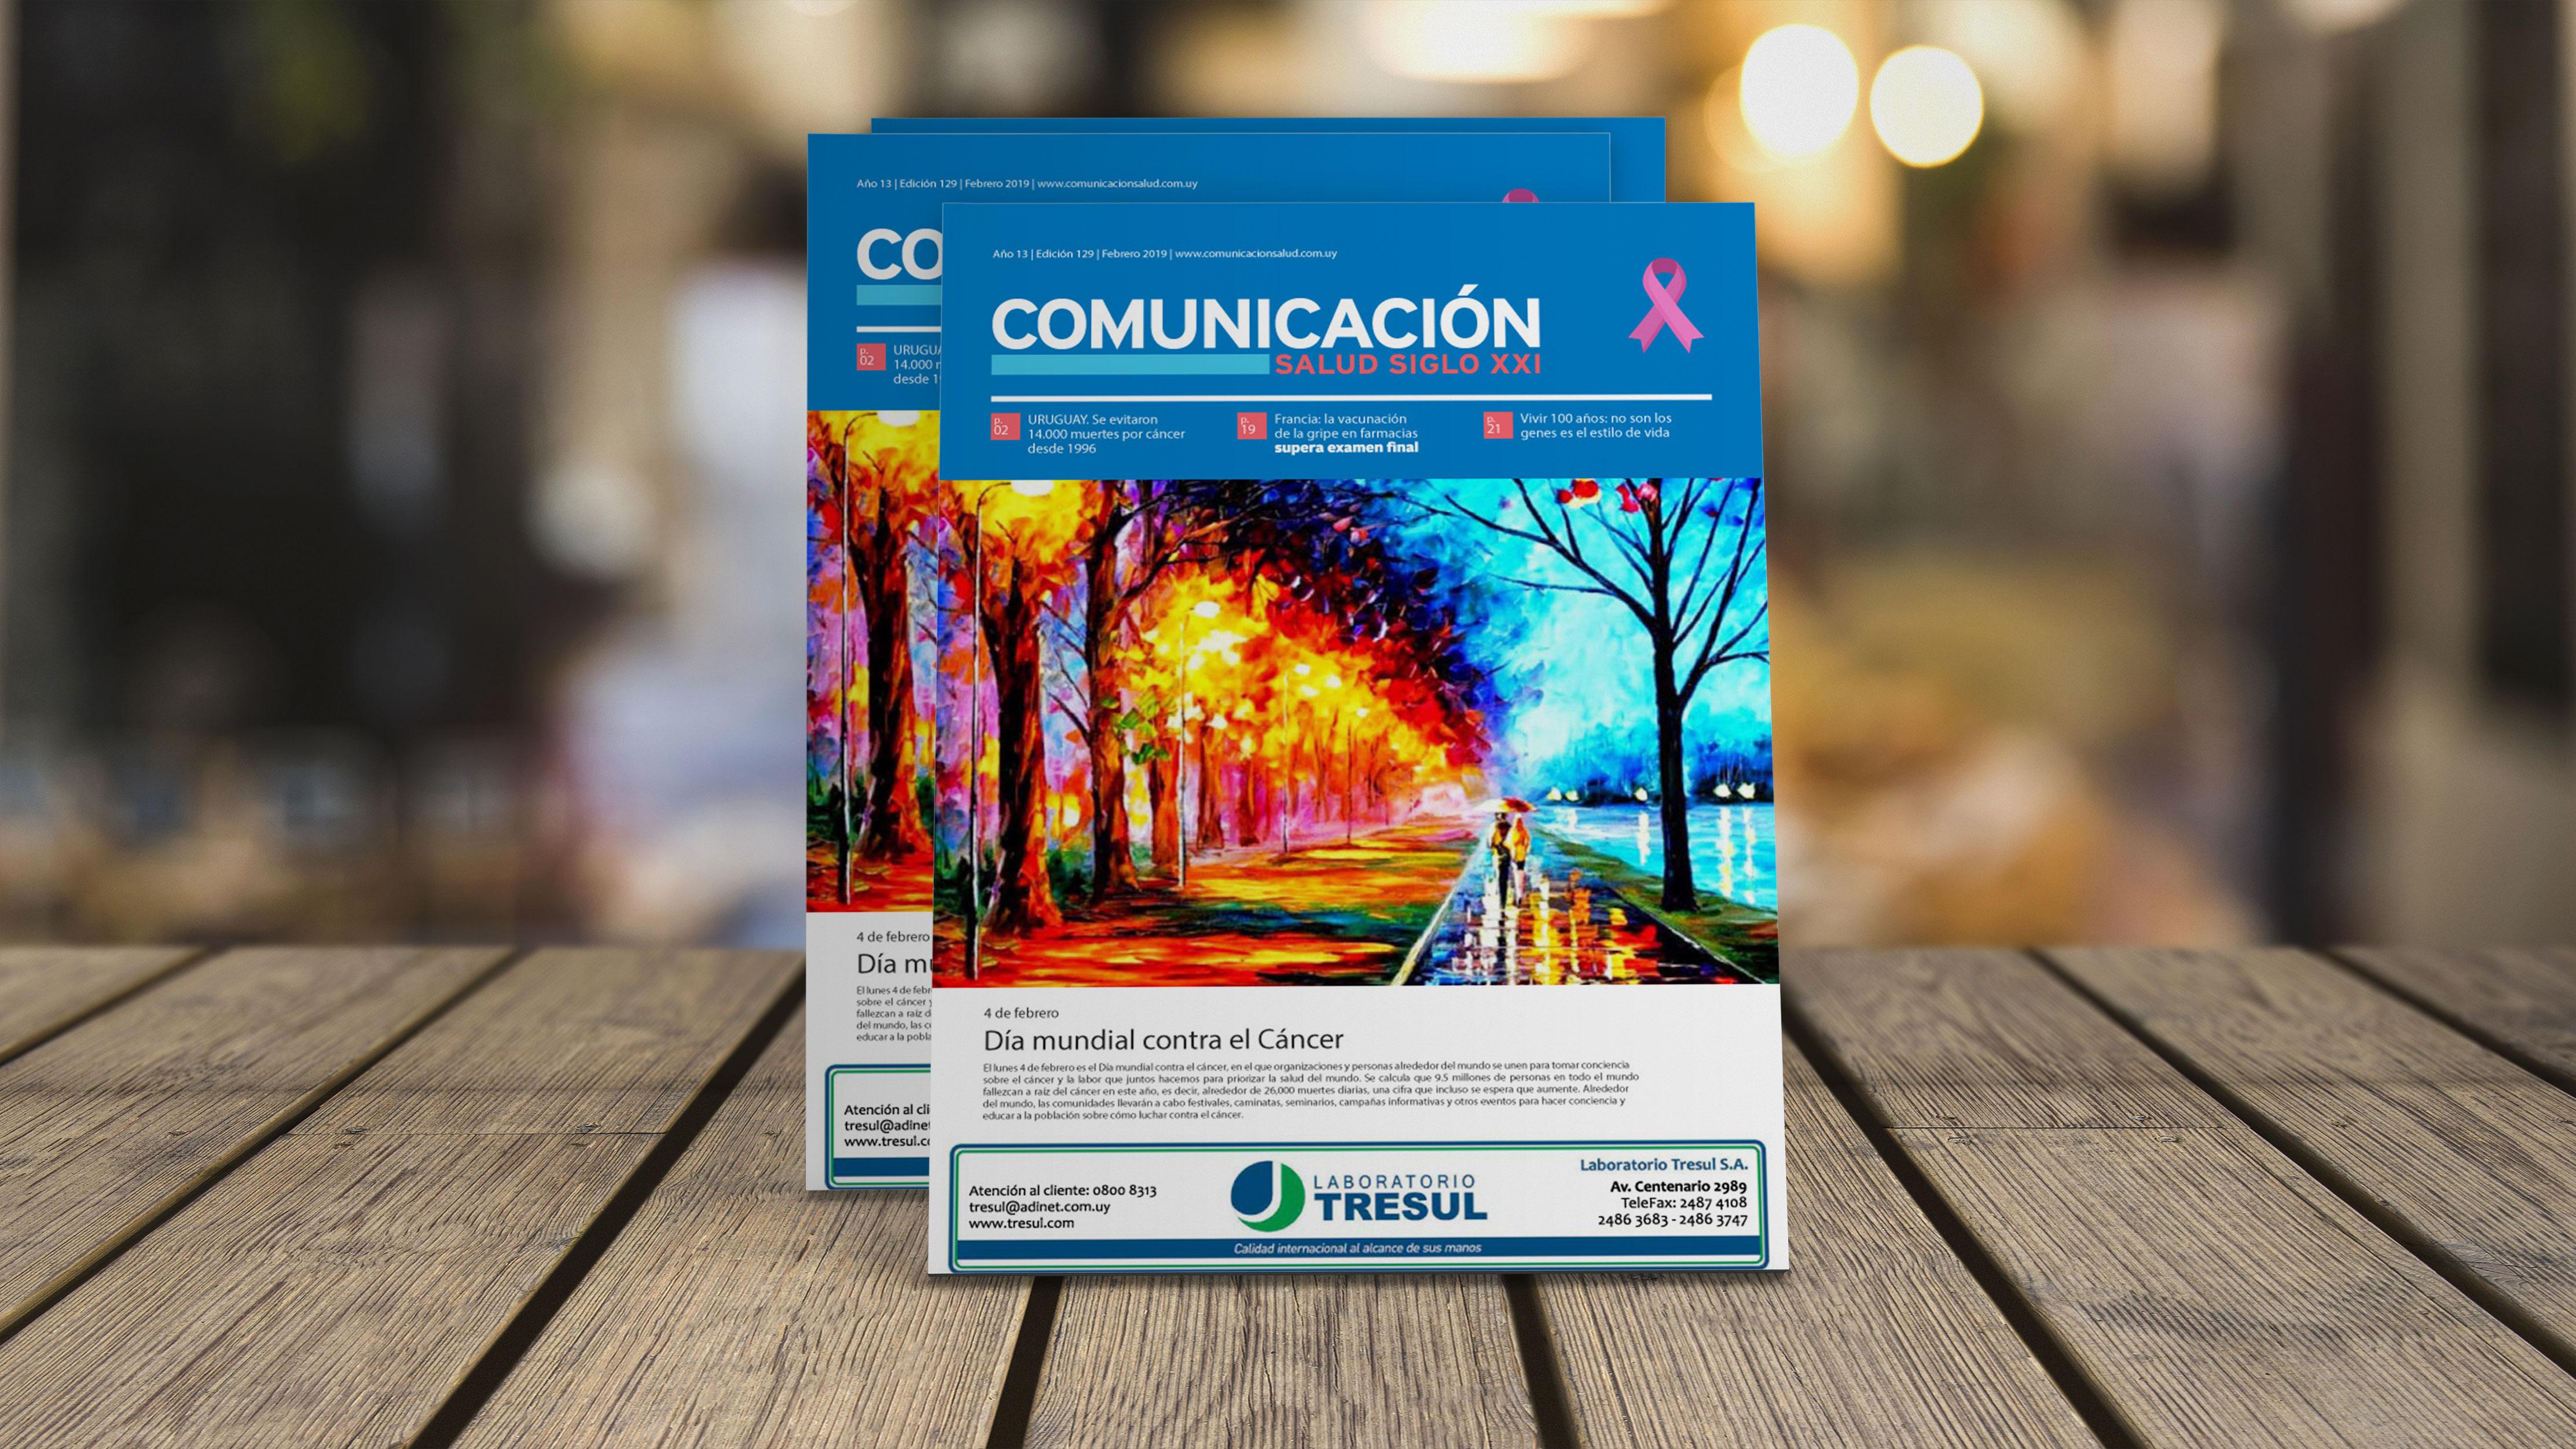 Comunicación Salud Siglo XXI - Edición #129 - Febrero 2019